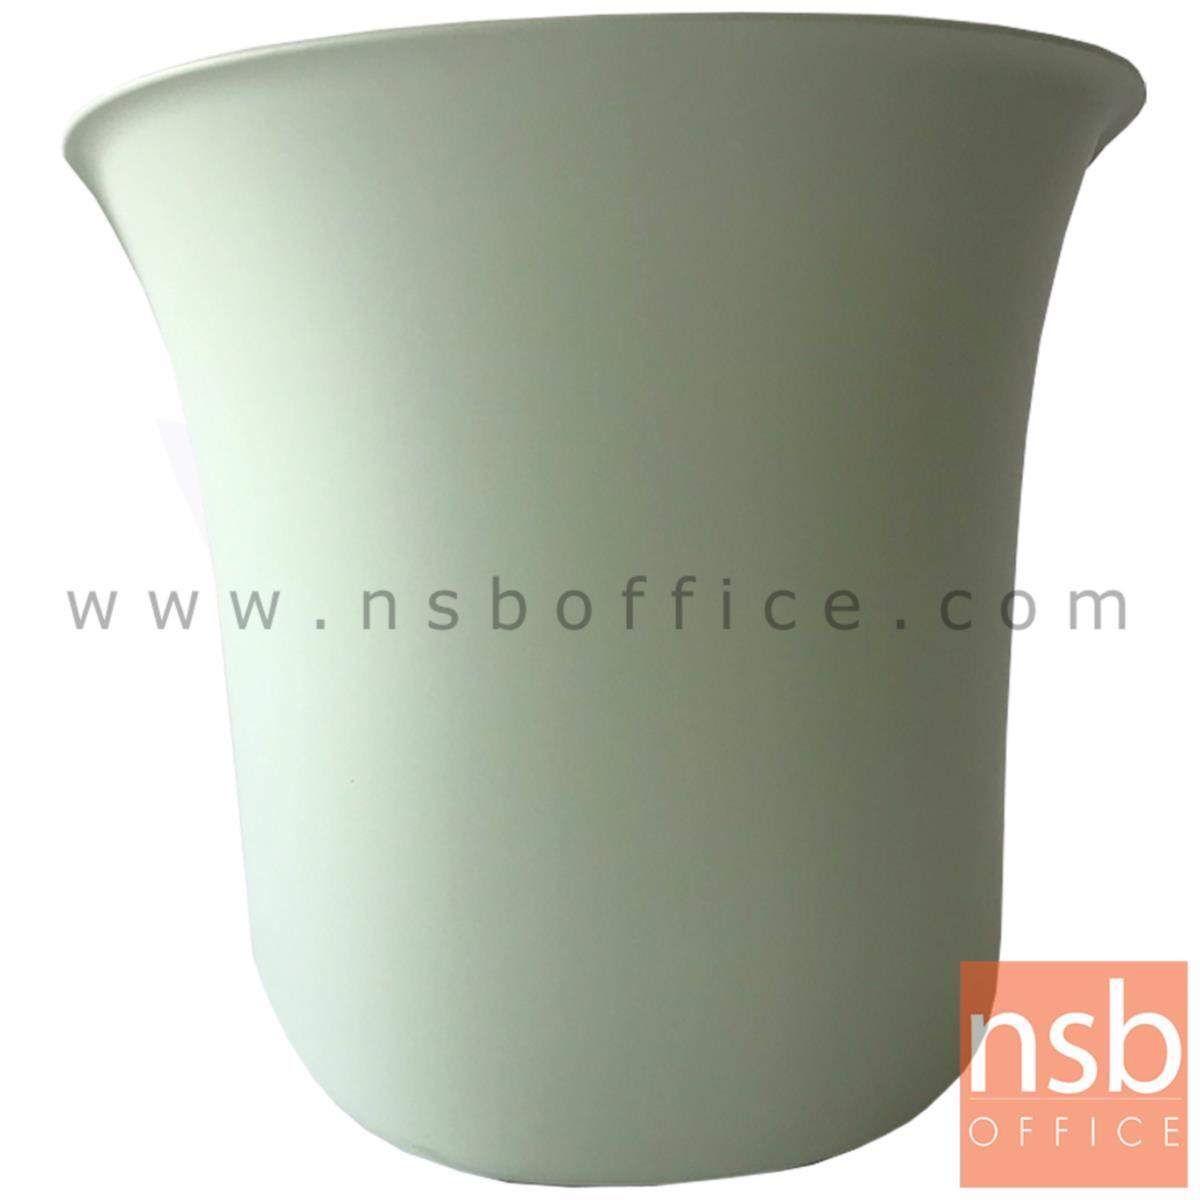 โซฟาหนังเทียม รุ่น MINT (มินท์) ขนาด 64W cm. สีเขียว